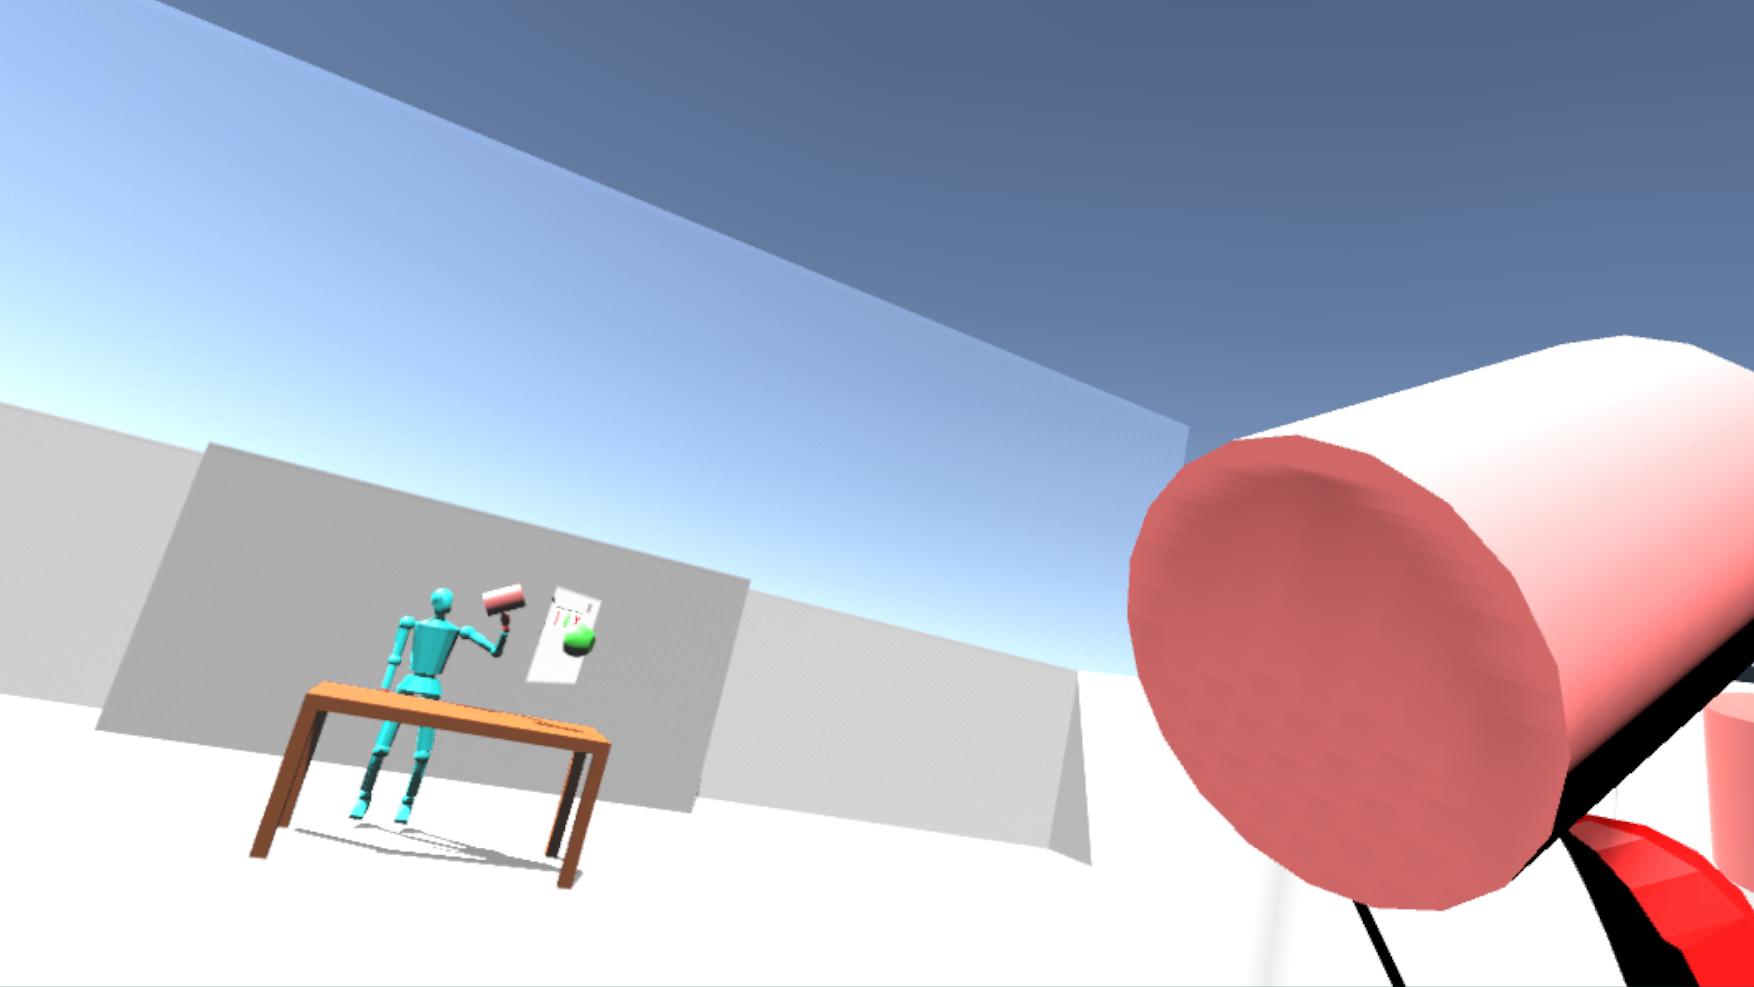 Multiplayer VR Avateering